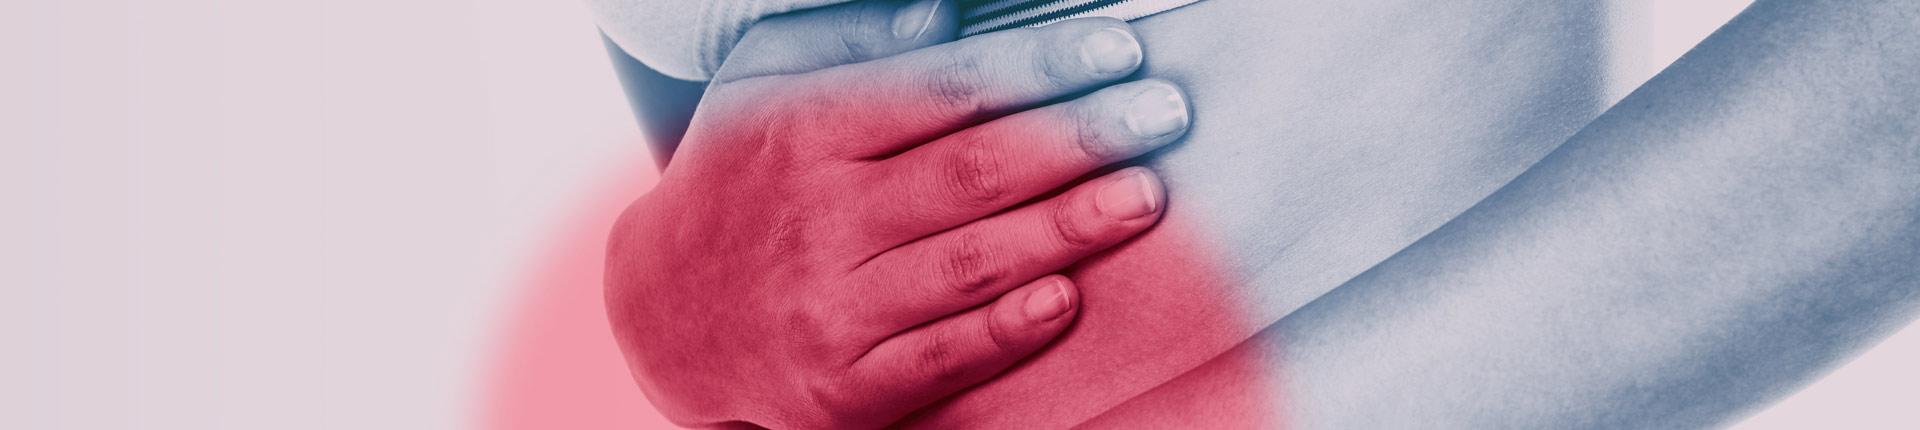 Zespół jelita drażliwego (IBS) - przyczyny, objawy